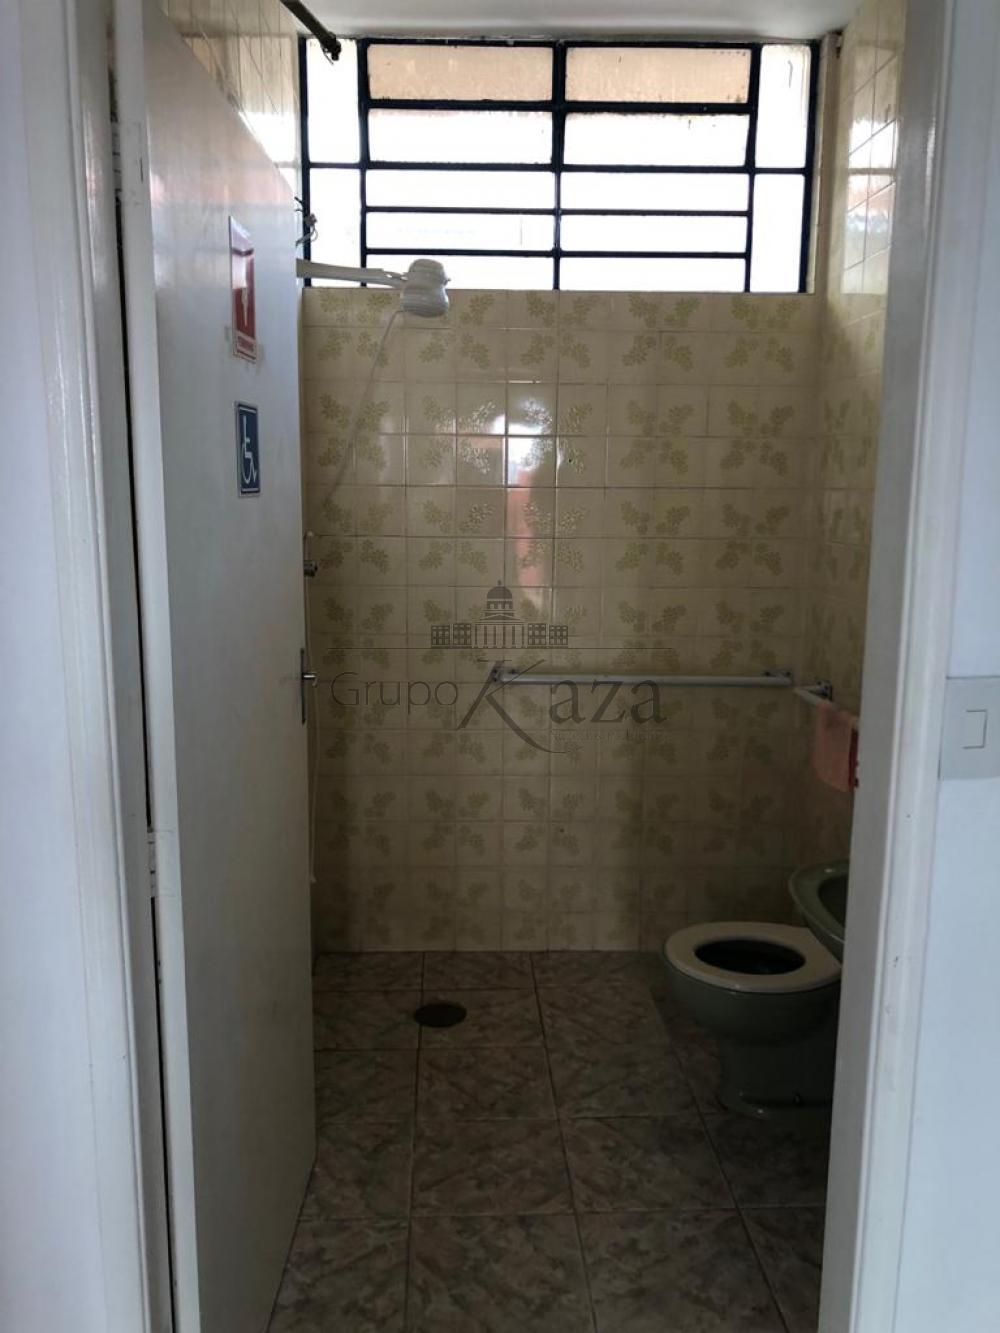 Alugar Comercial / Ponto Comercial em São José dos Campos R$ 5.000,00 - Foto 10